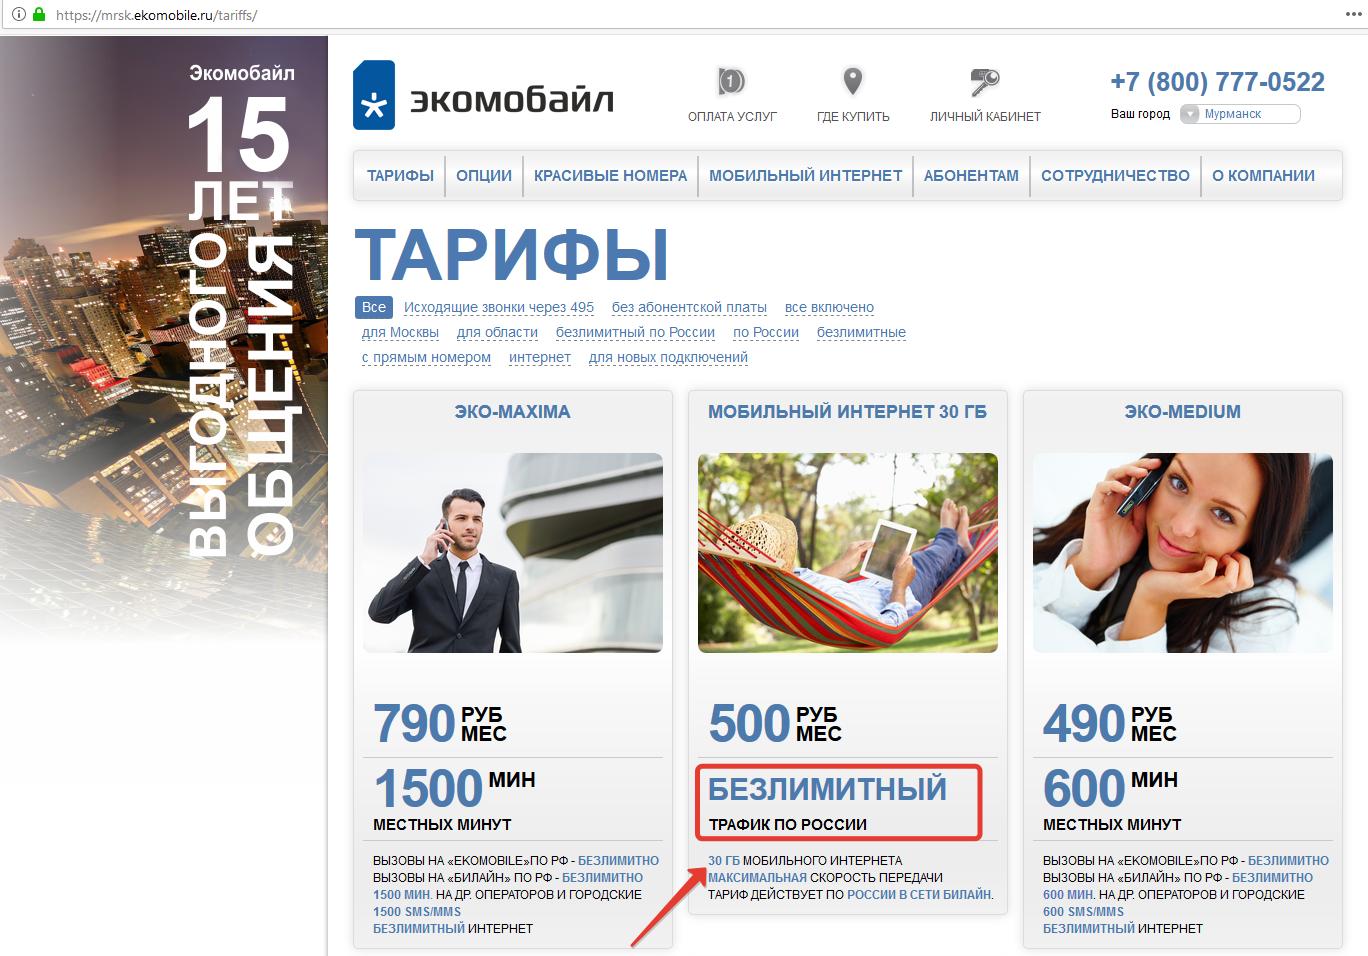 Экомобайл новый виртуальный оператор связи в Мурманске 2